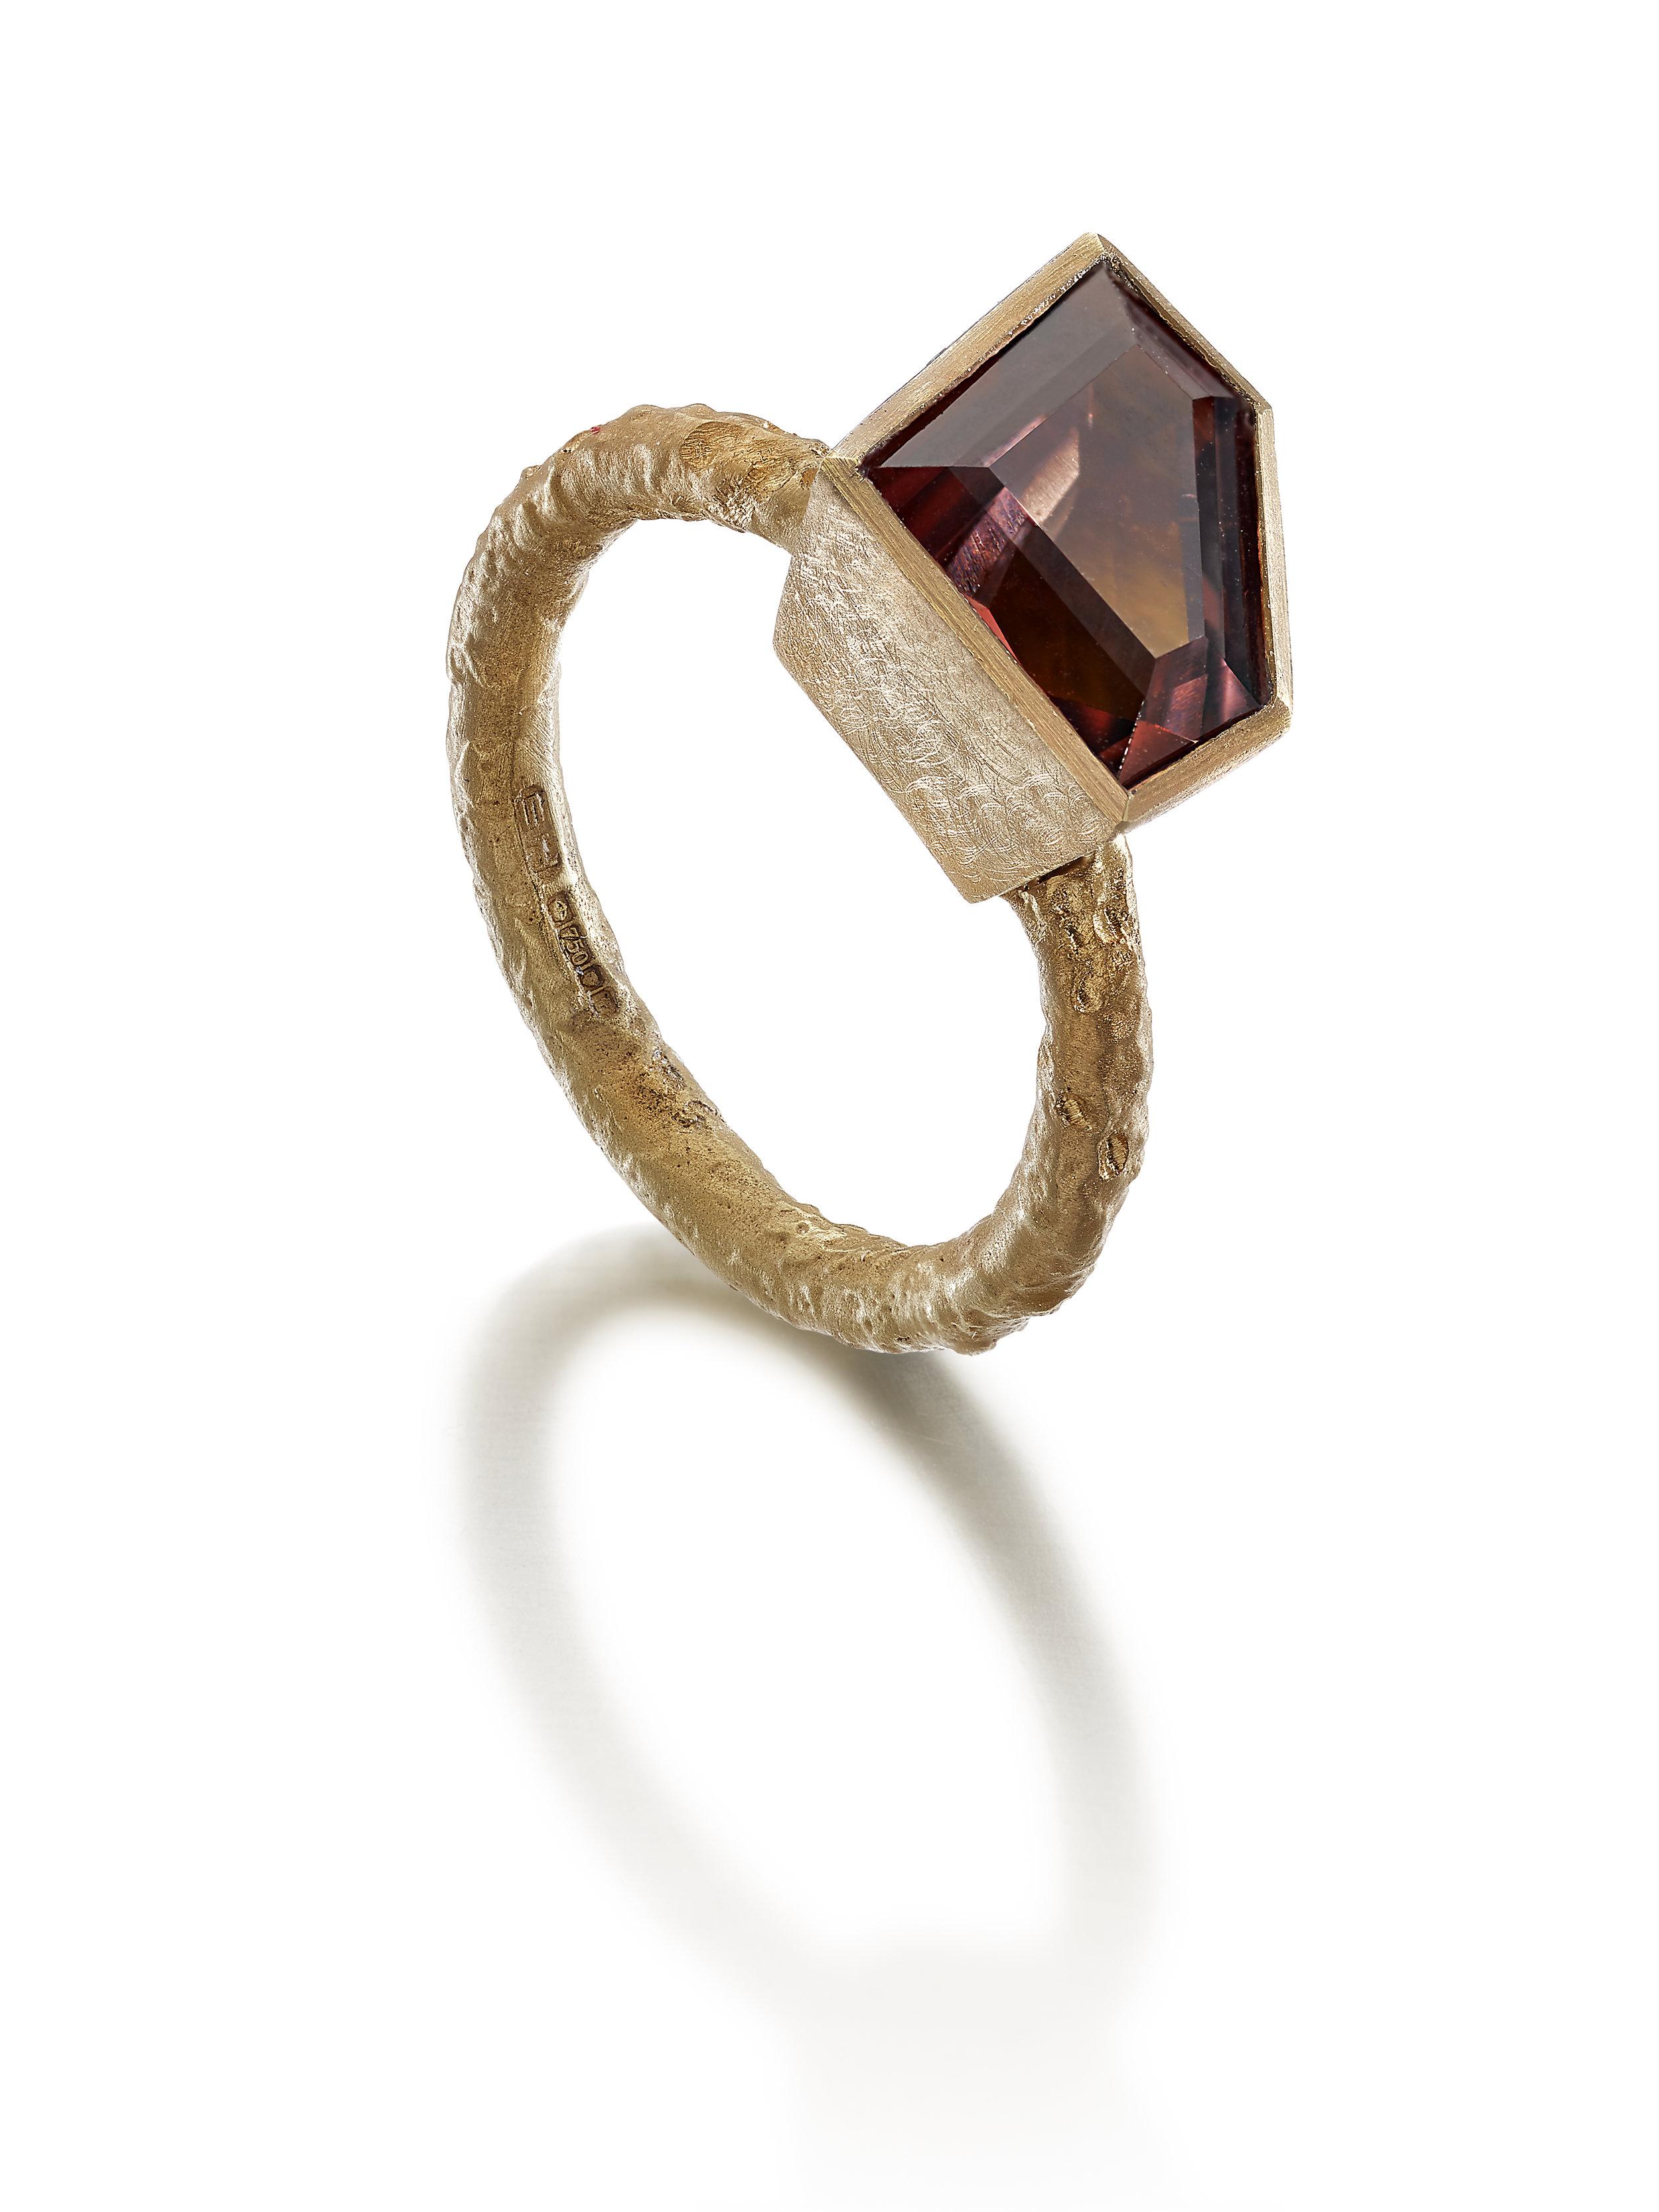 SH 4-7-18 gold pentagon ring.jpg